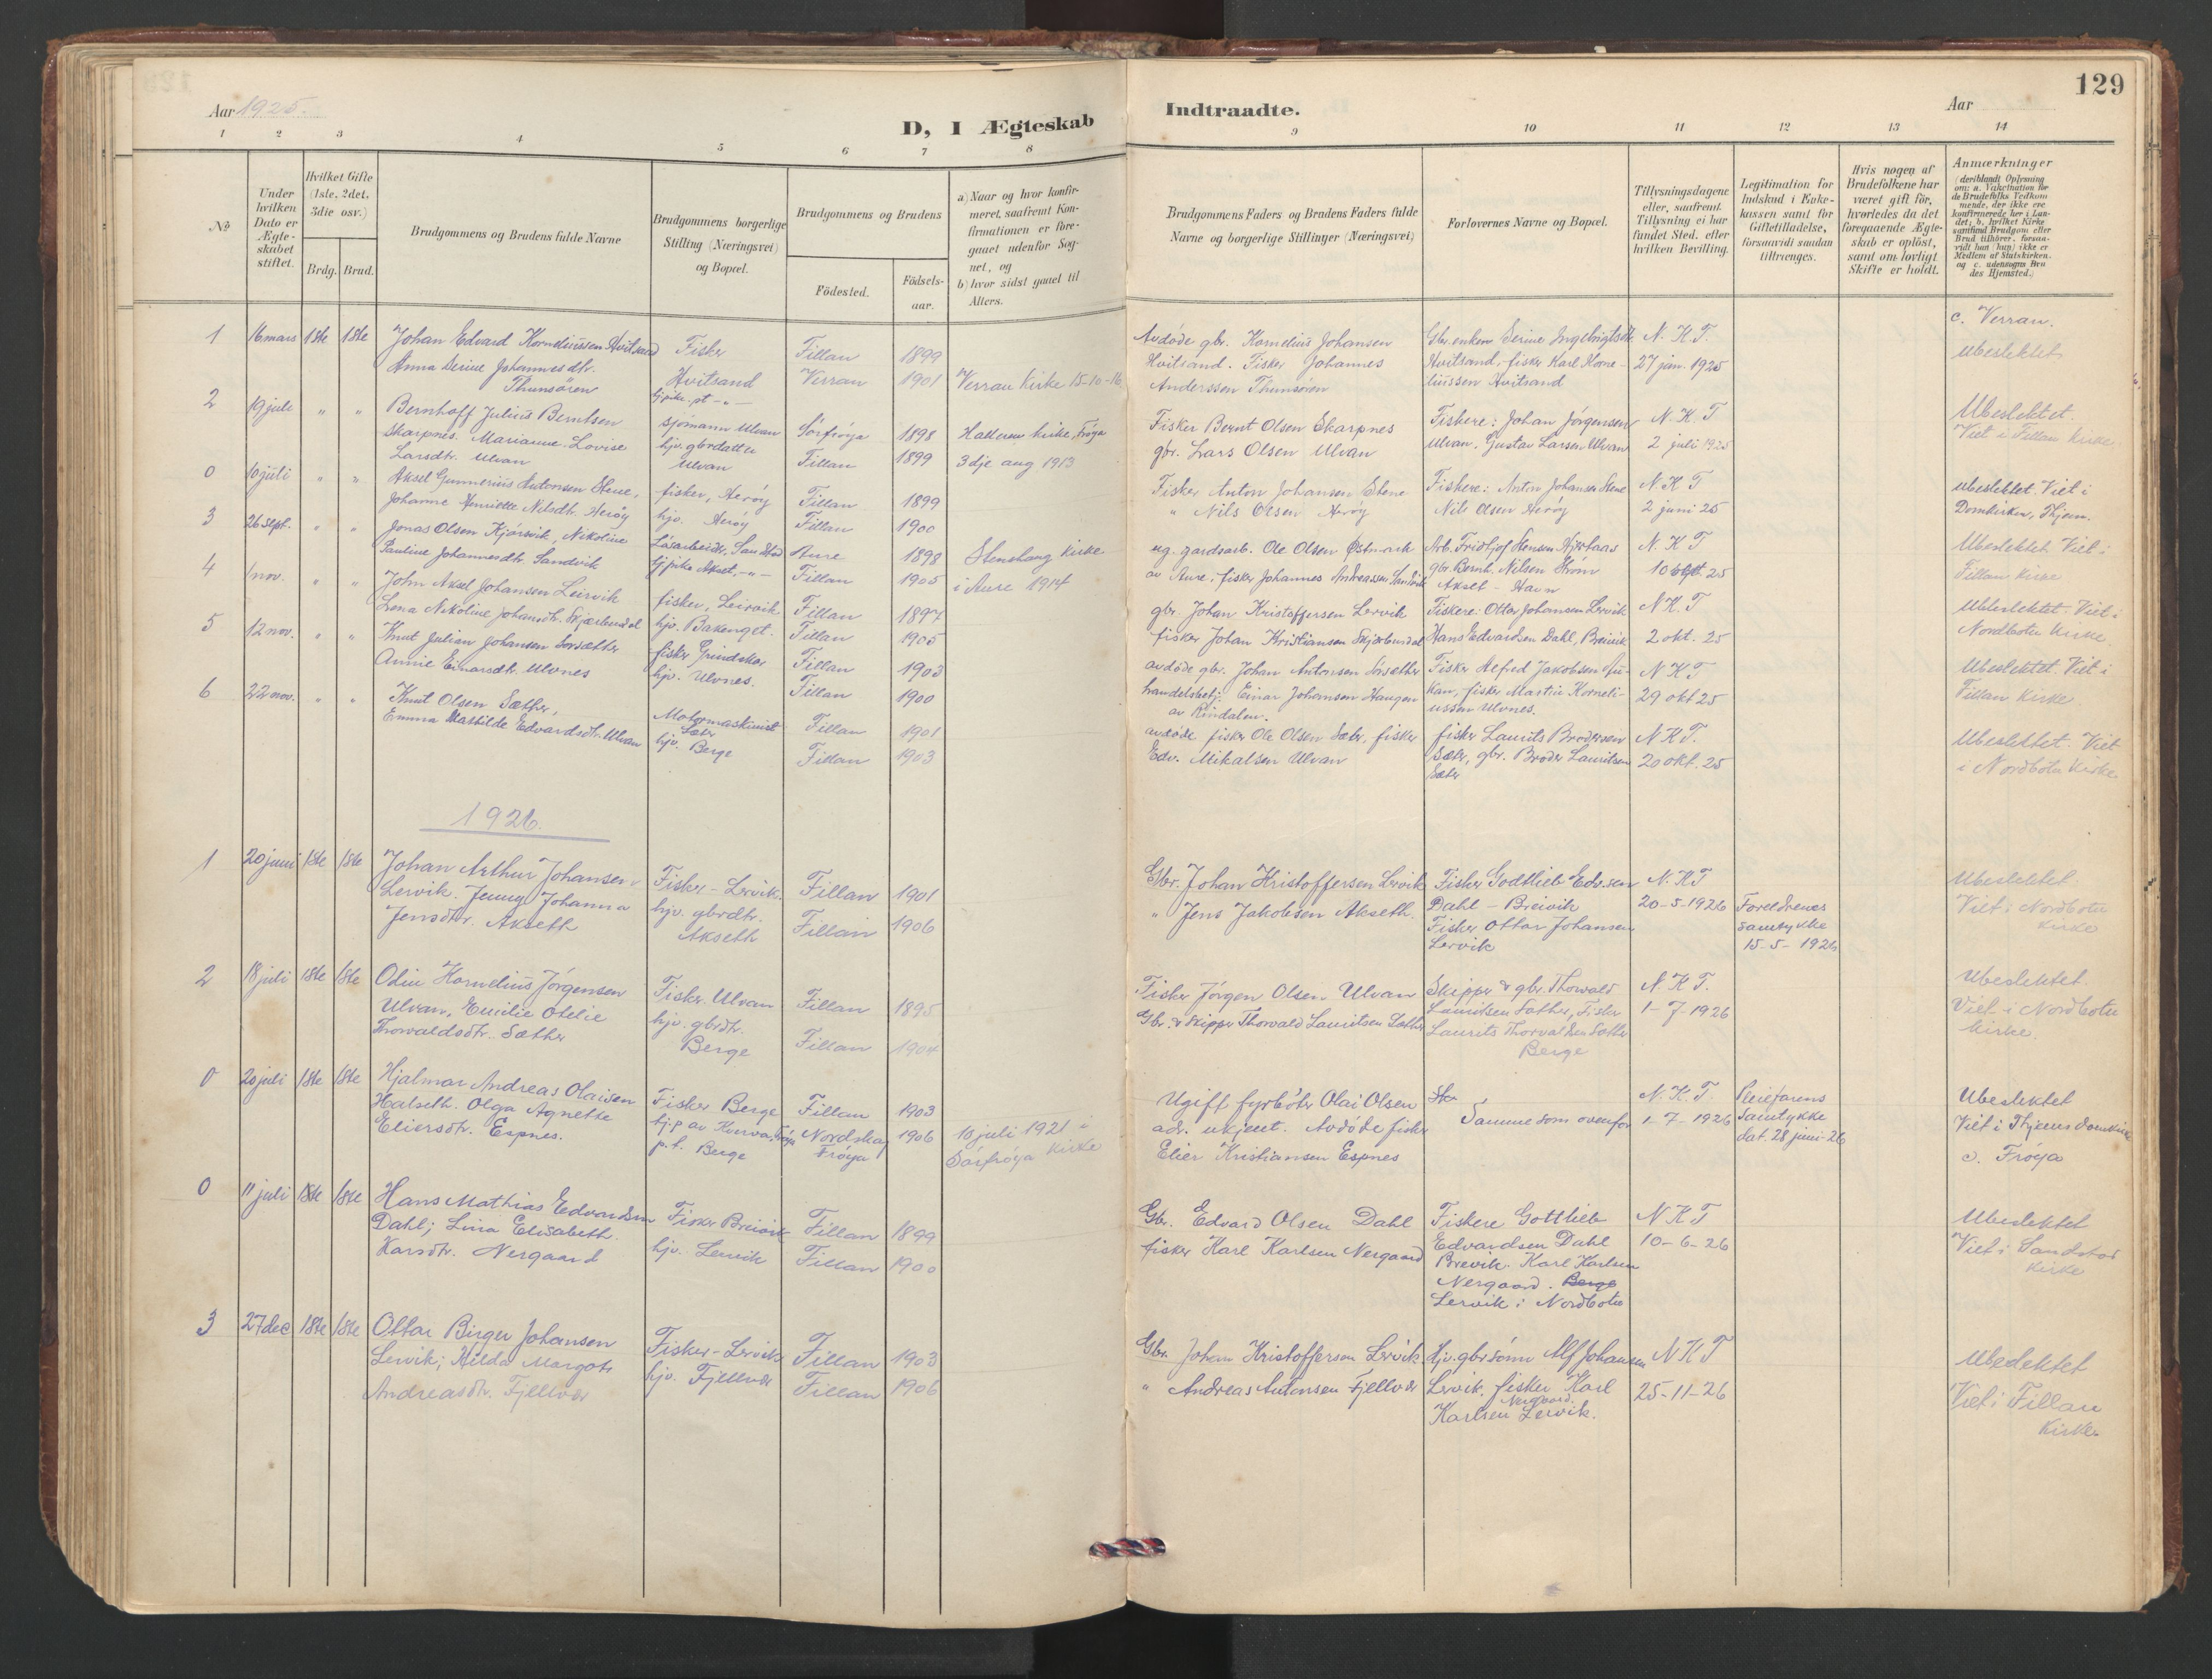 SAT, Ministerialprotokoller, klokkerbøker og fødselsregistre - Sør-Trøndelag, 638/L0571: Klokkerbok nr. 638C03, 1901-1930, s. 129